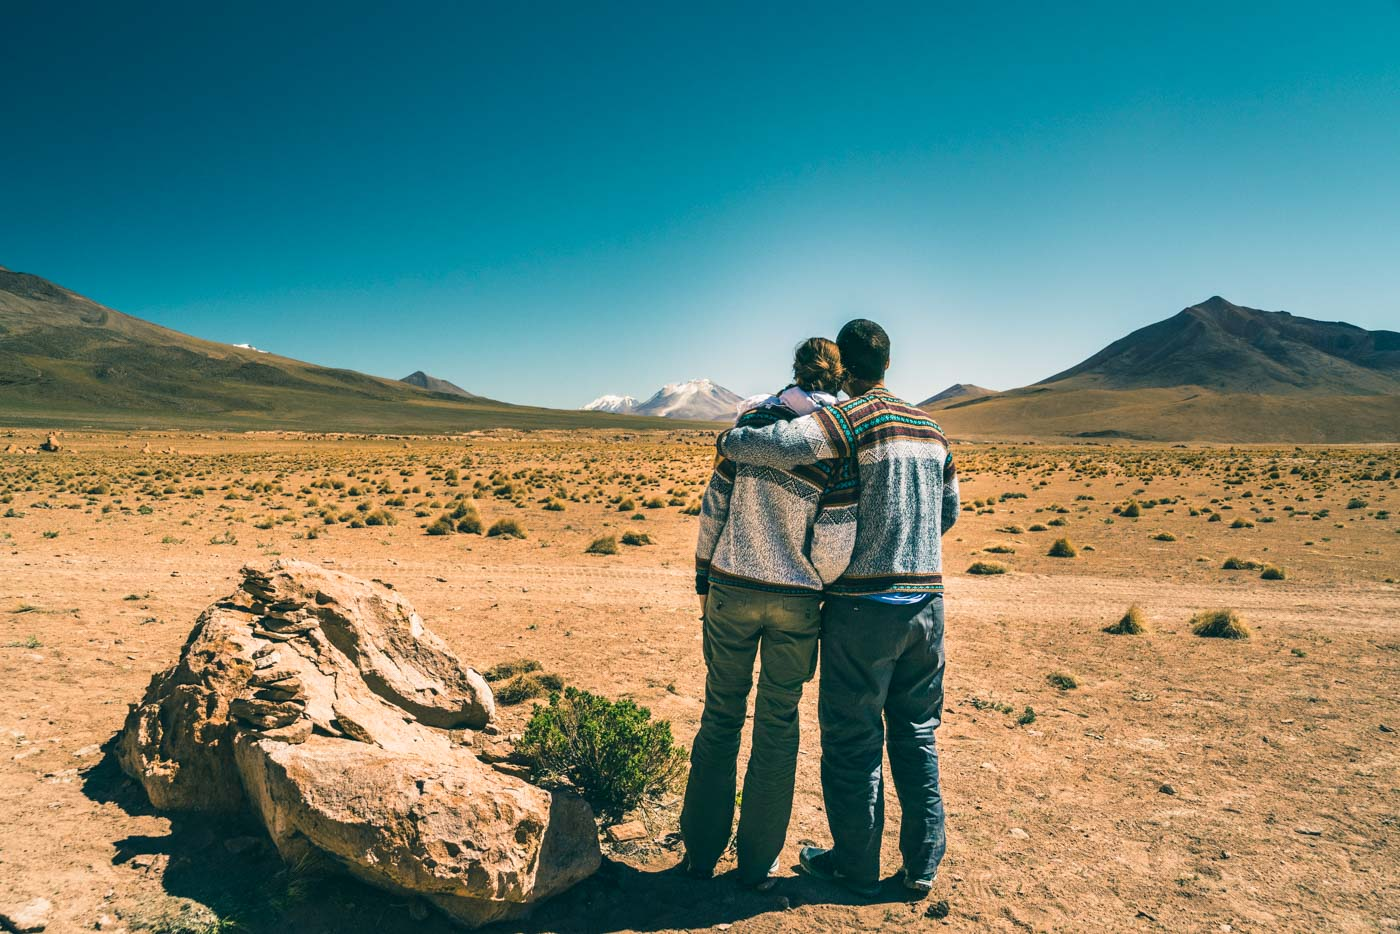 Overlooking the Siloli Desert